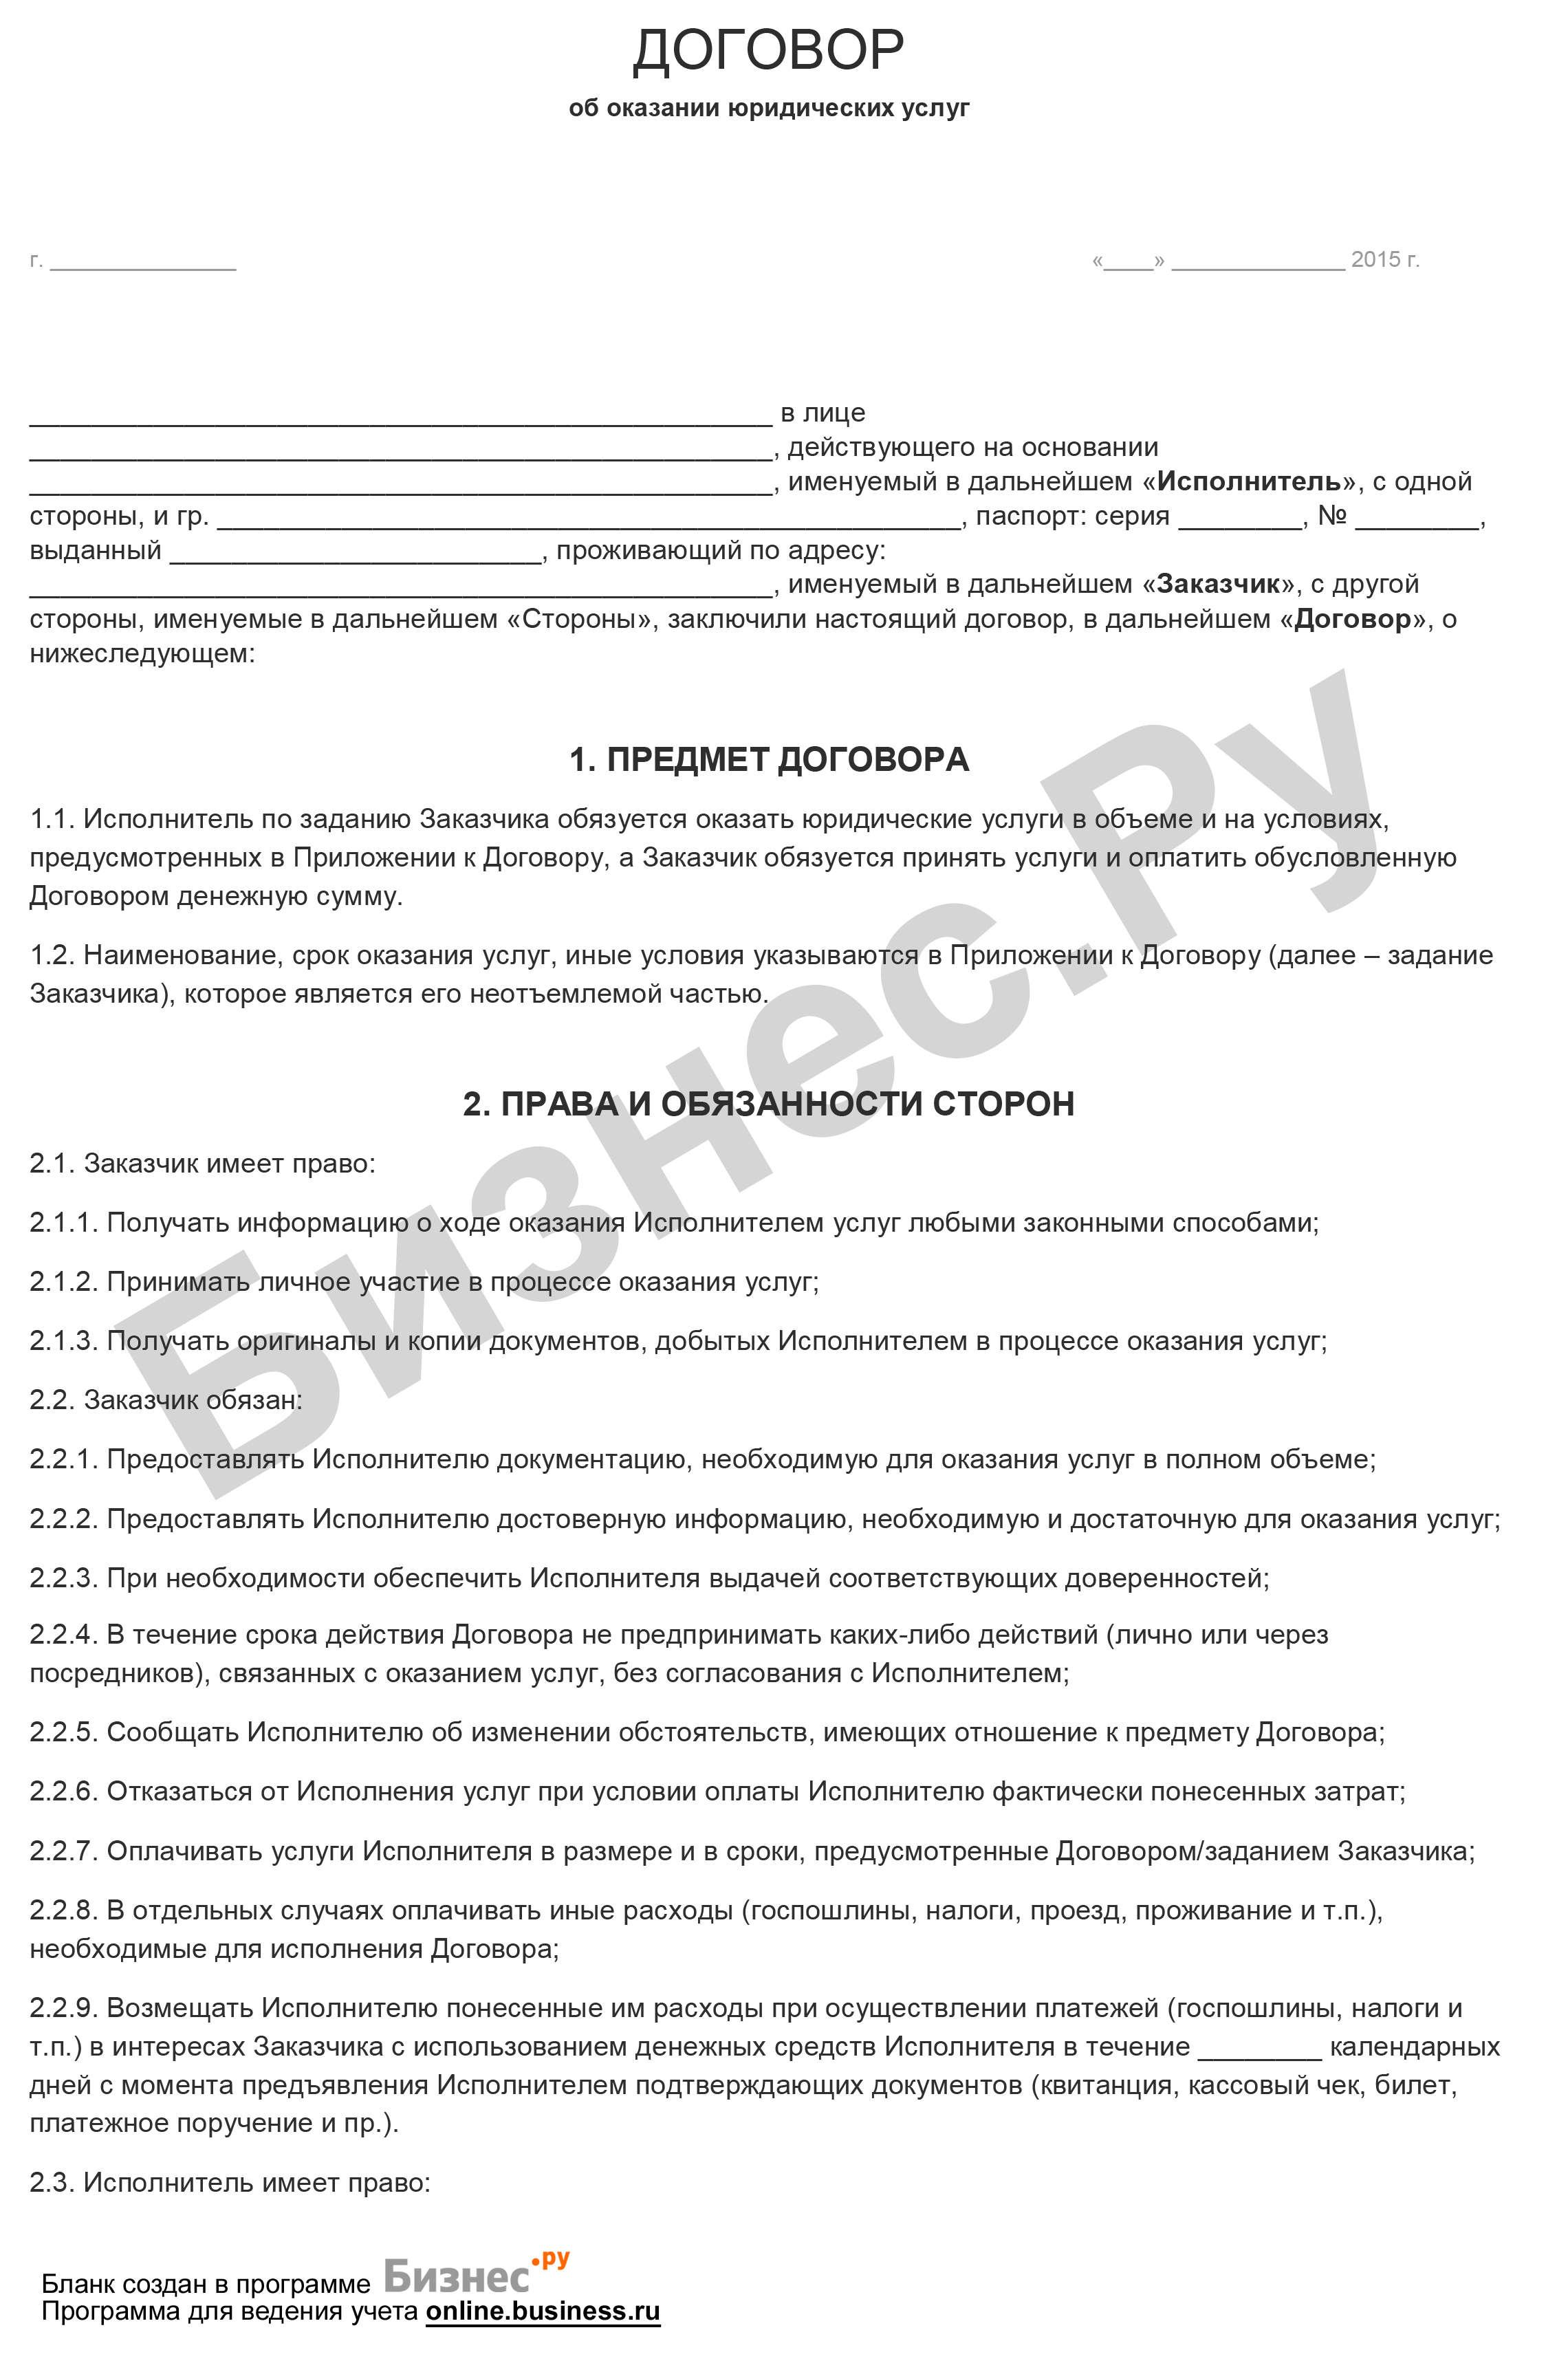 инструкция по заполнению декларации 3